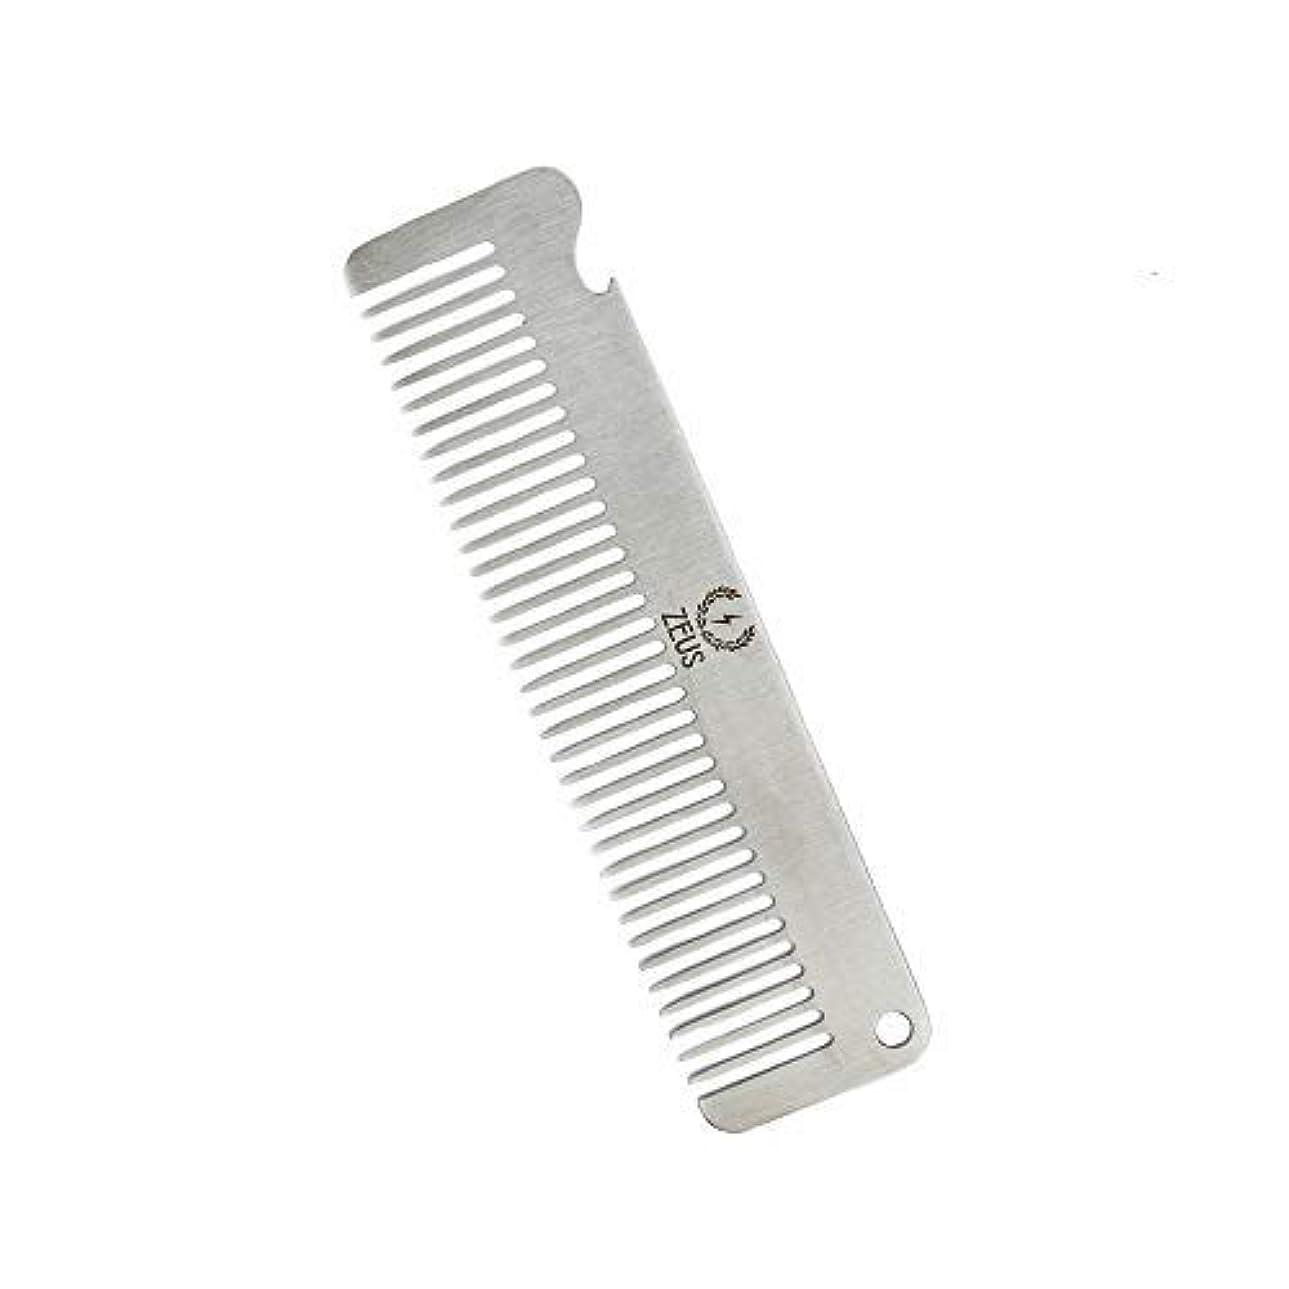 到着するブラウザ分離ZEUS Stainless Steel Comb with Bottle Opener - Beard Comb for Men! (Comb) [並行輸入品]